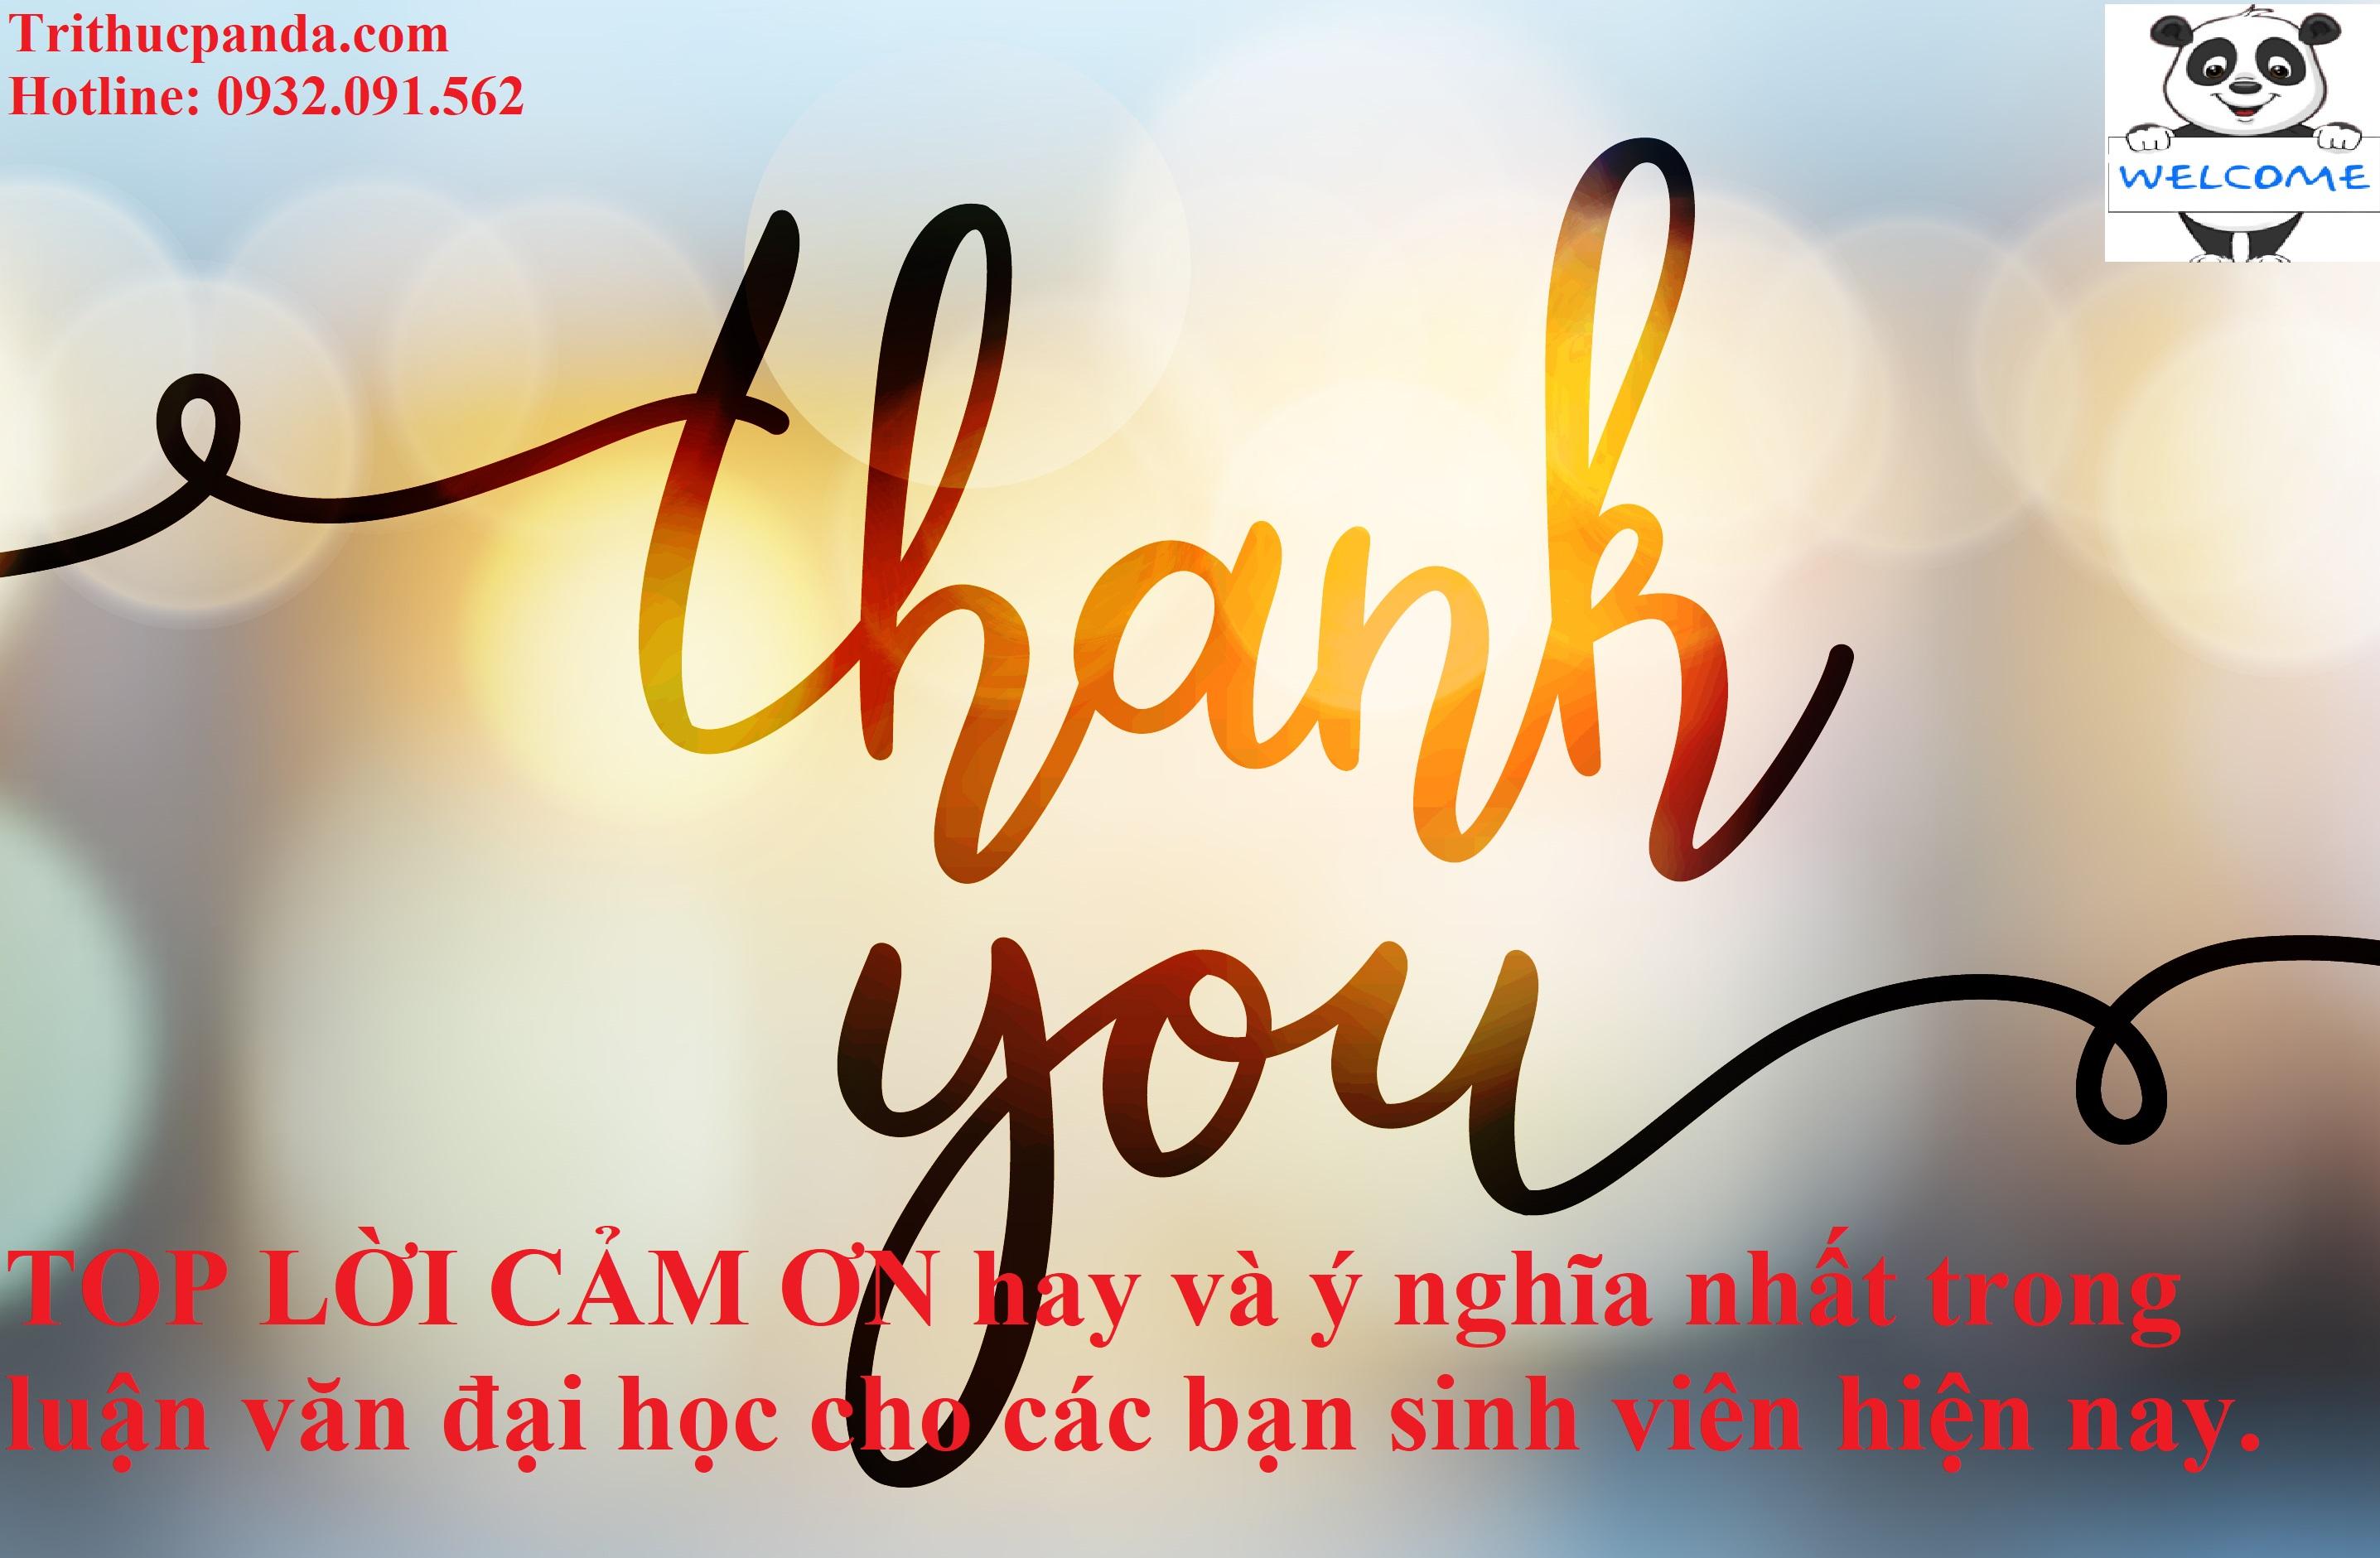 Lời cảm ơn hay và ý nghĩa nhất